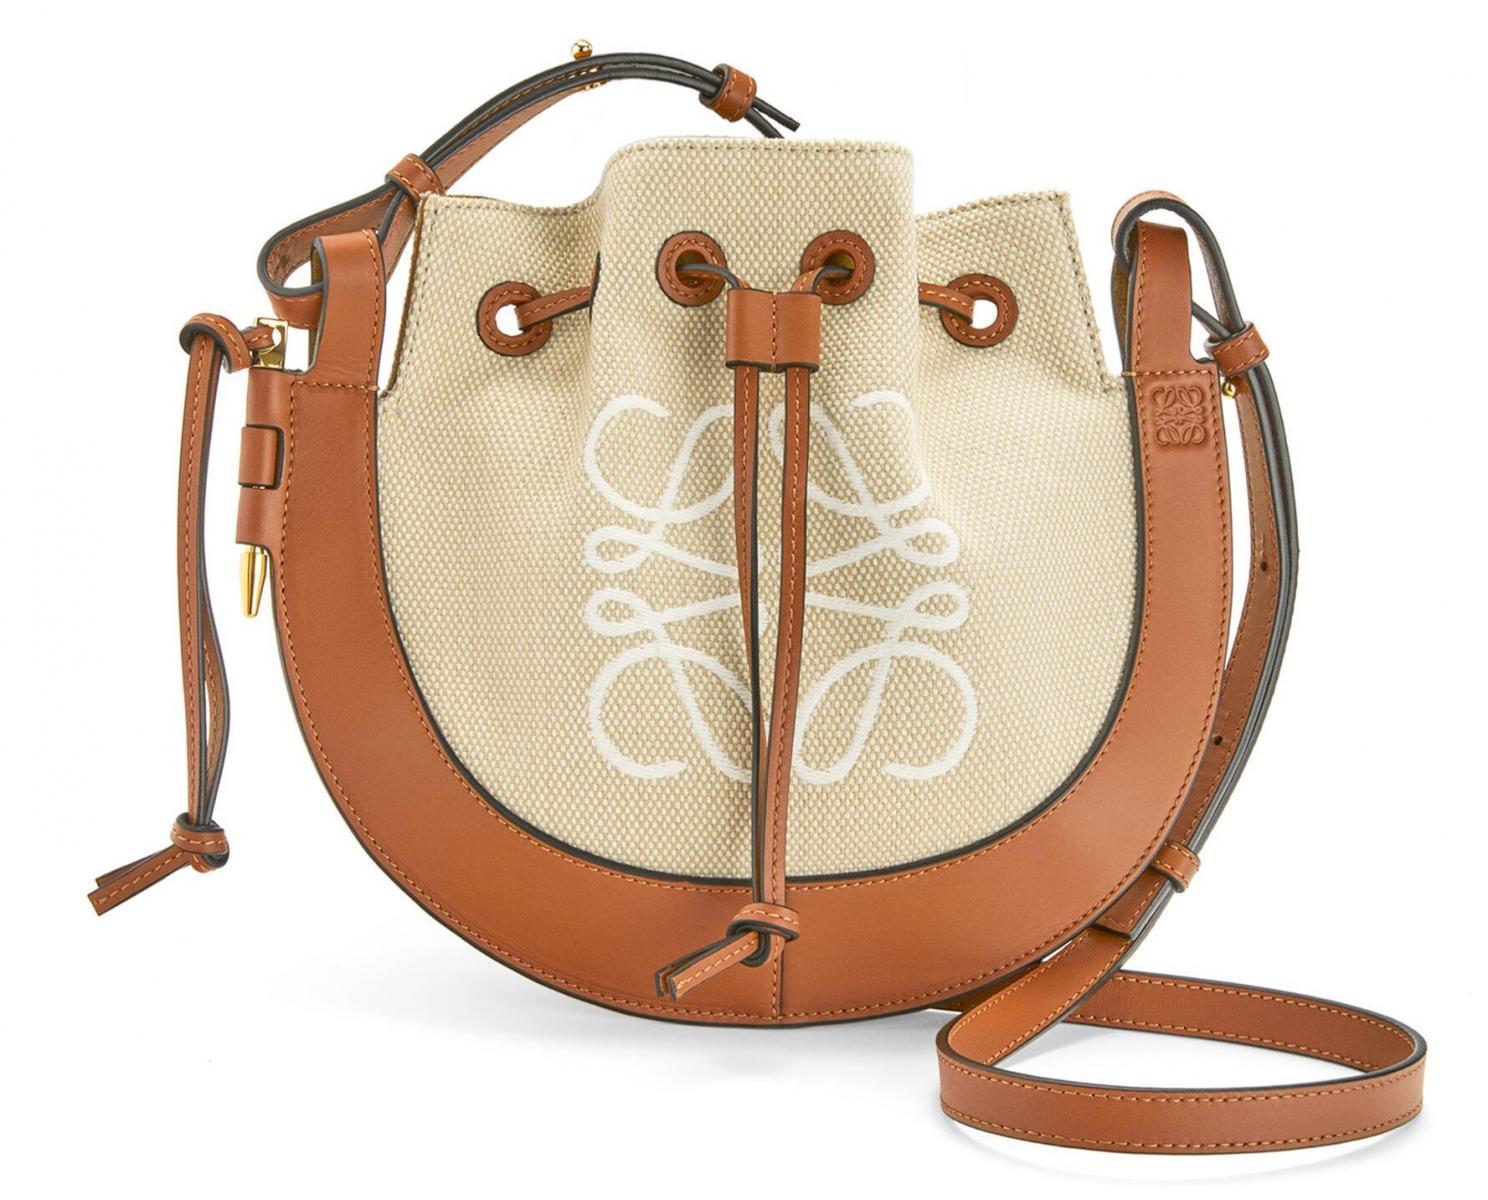 奶茶色包包先退下!LV、Dior、Fendi....春夏包包關鍵字是「燕麥色」-4